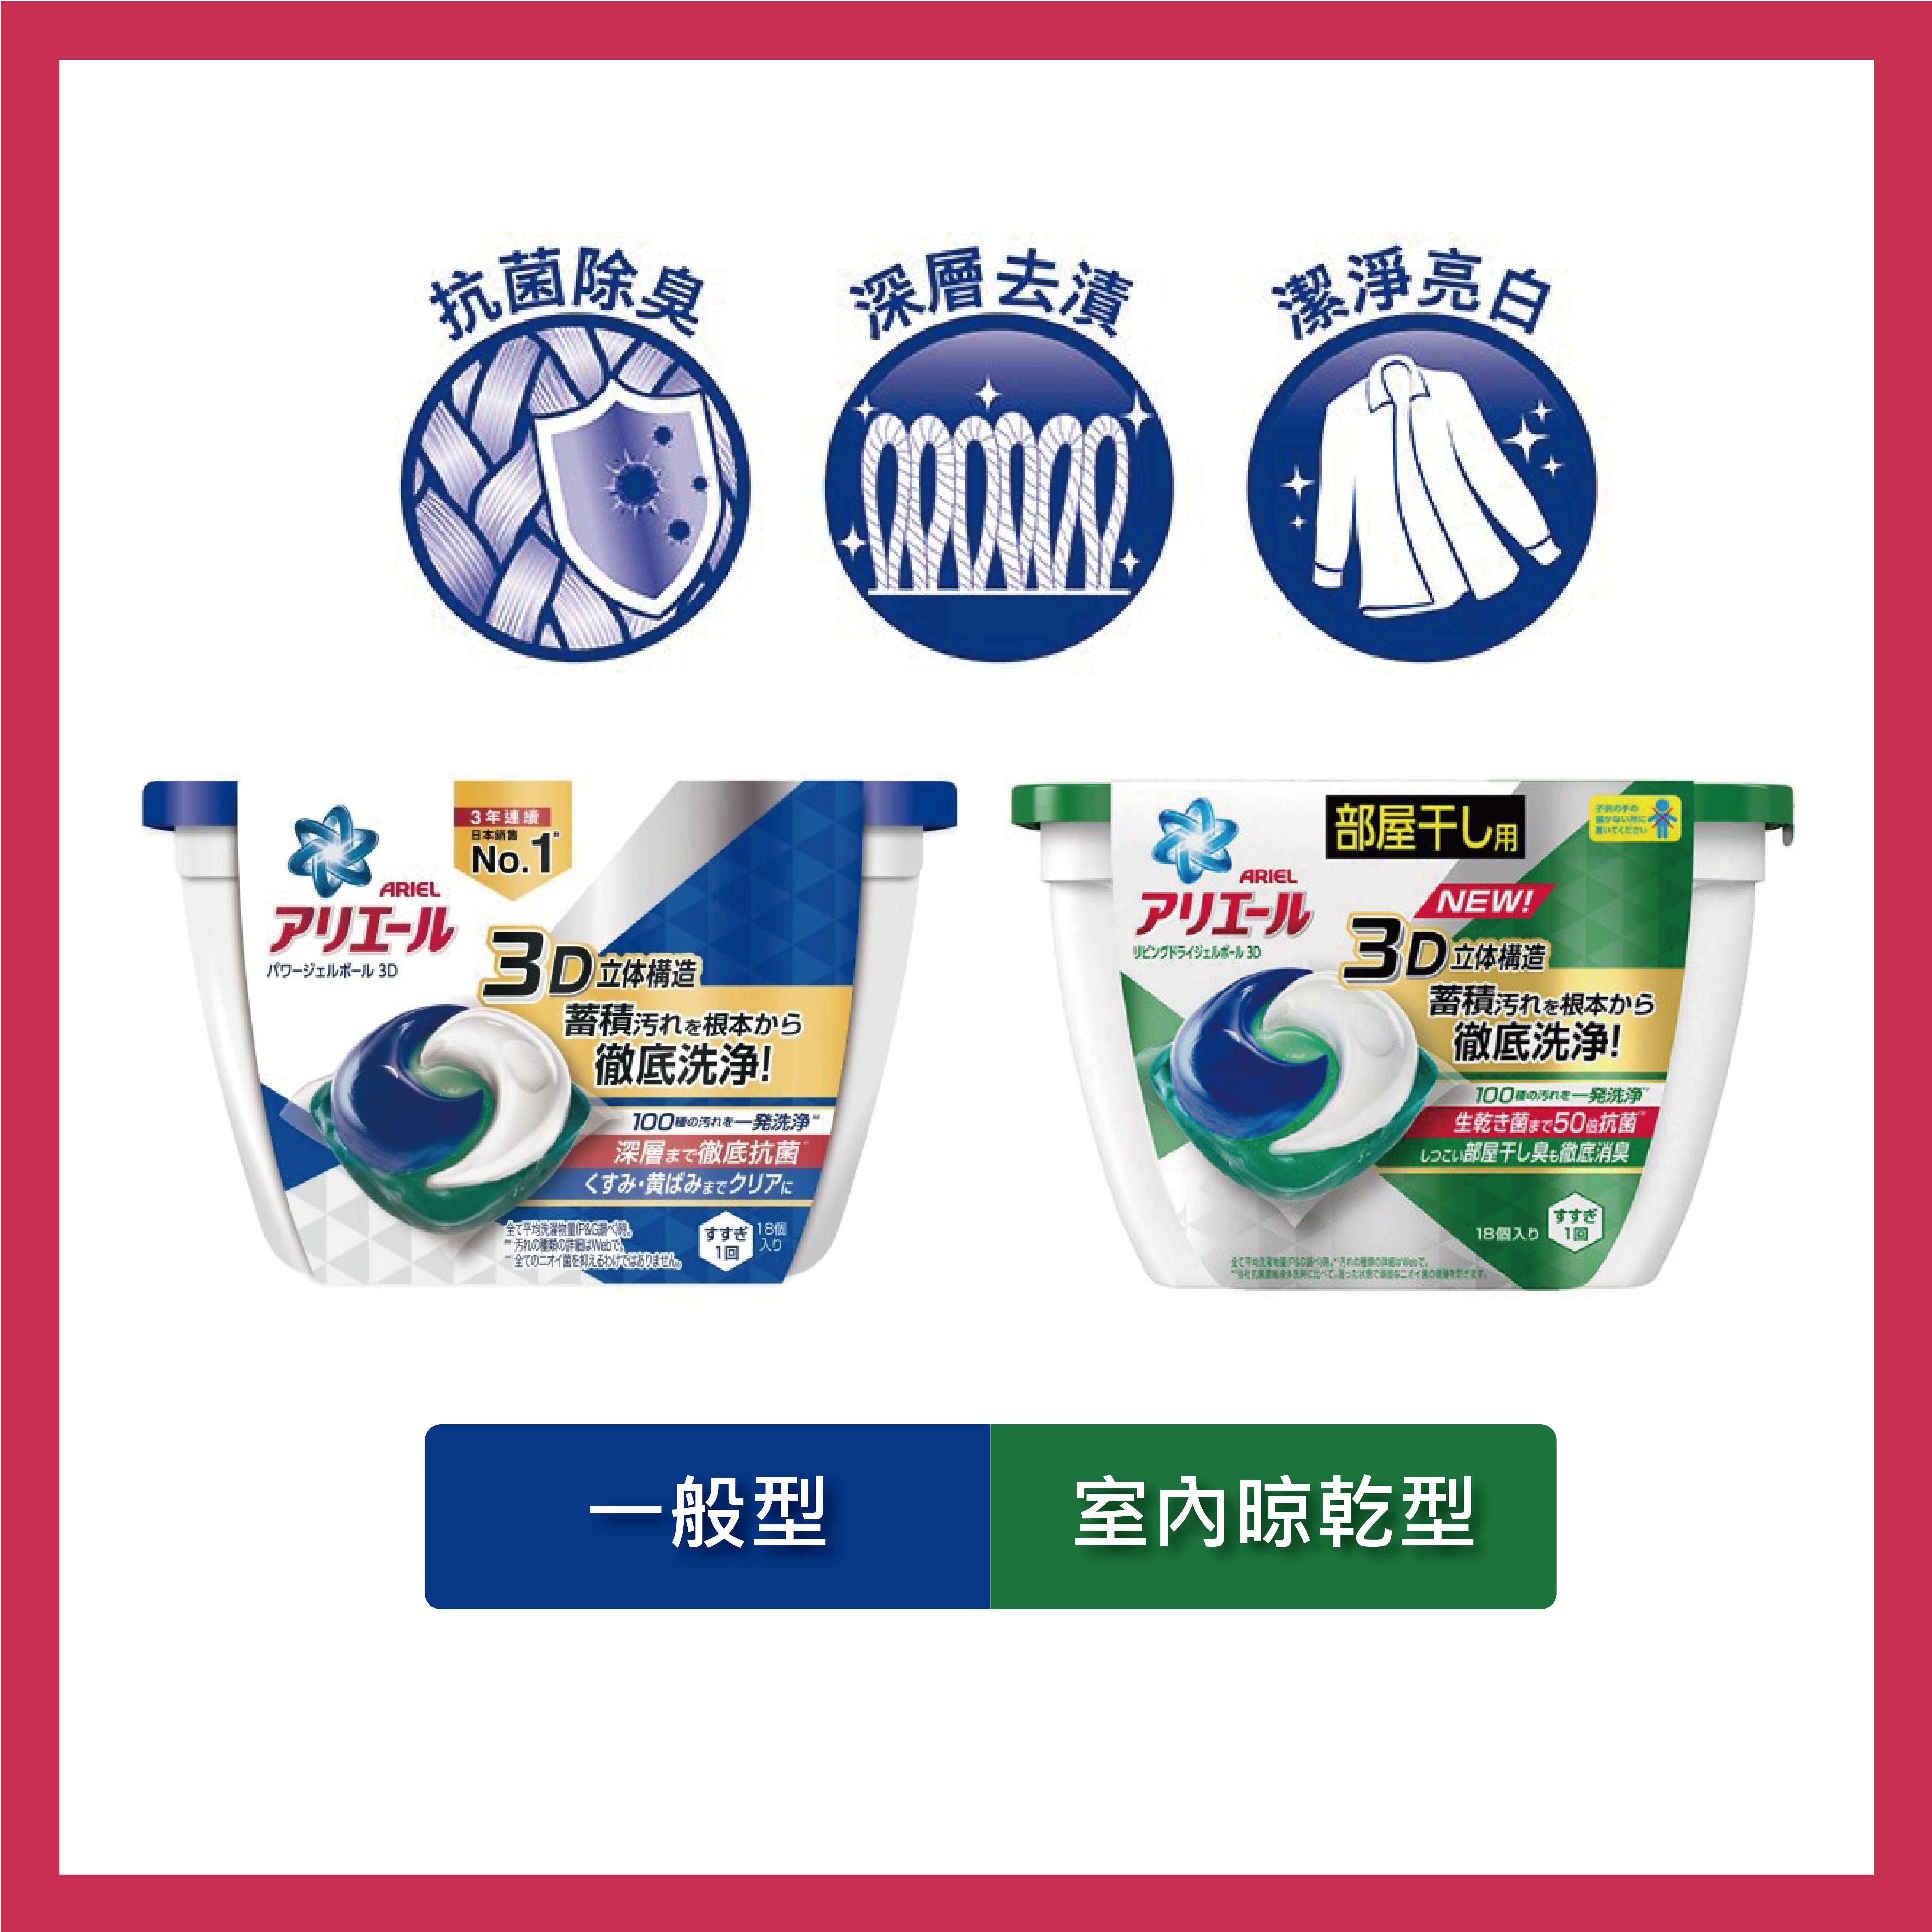 二入組299免運-日本進口【Ariel】Ariel 3D洗衣膠囊(18顆 / 盒,共36顆)(一般型*1+室內晾乾型*1) 0